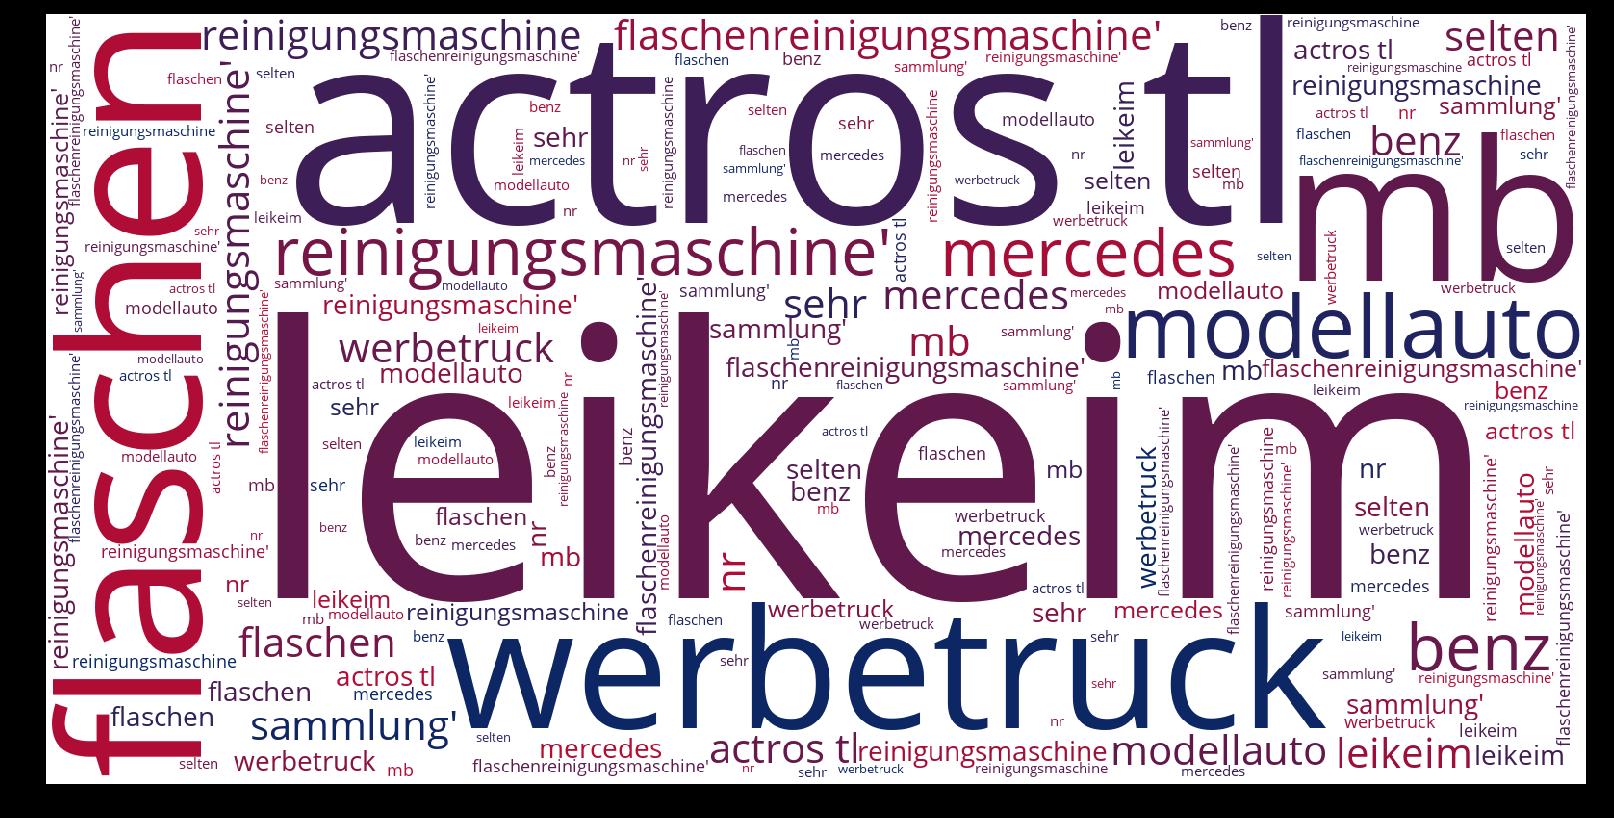 Flaschenreinigungsmaschine-wordcloud